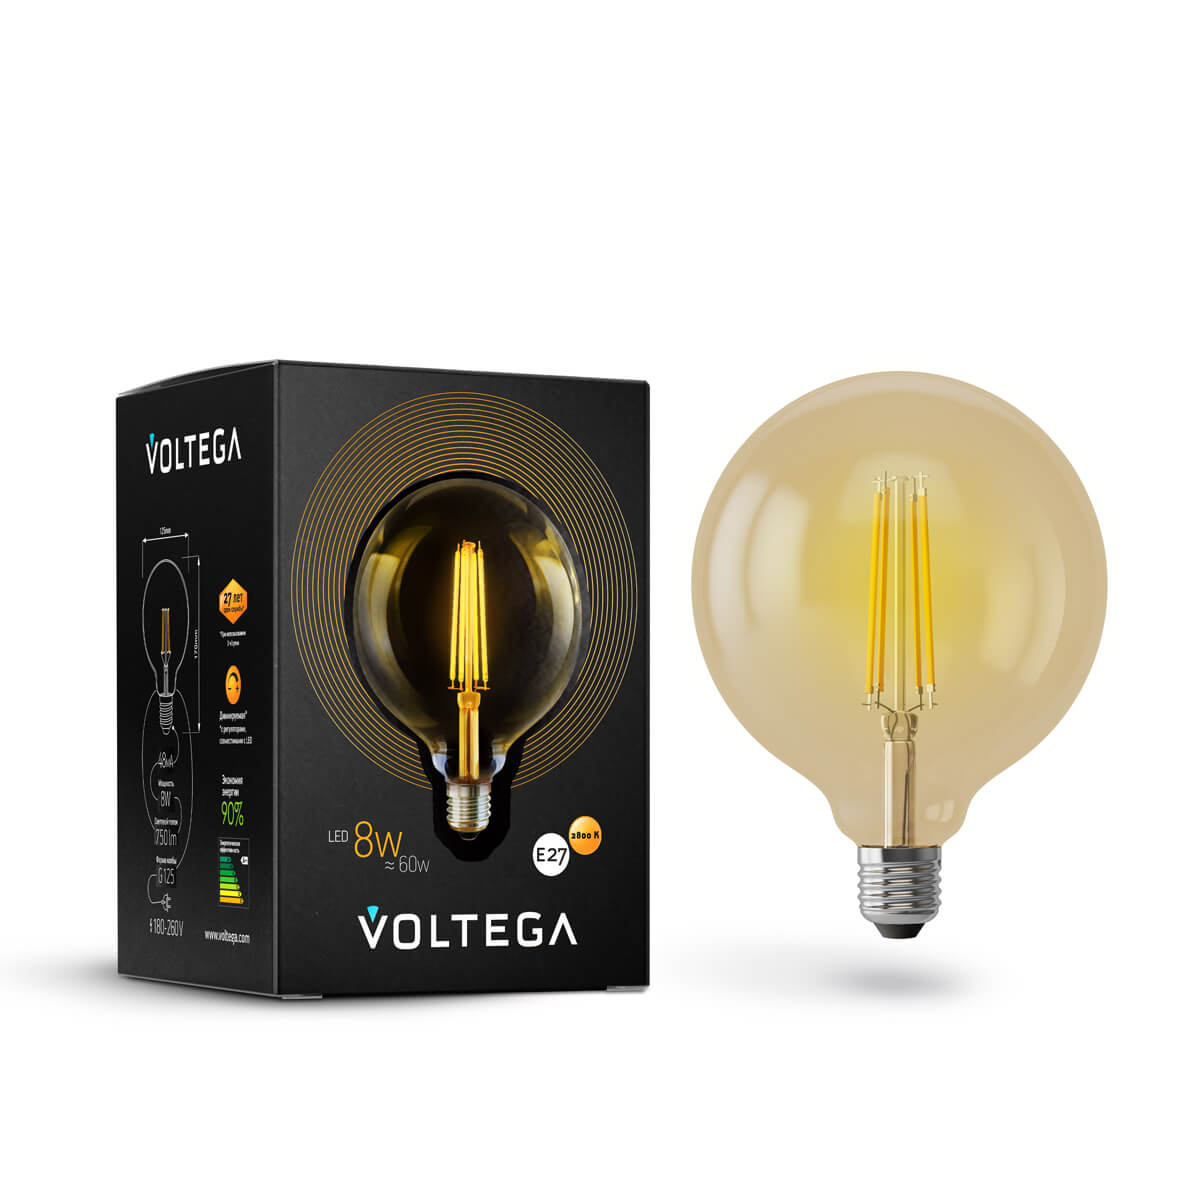 Лампа светодиодная филаментная диммируемая E27 8W 2800К золотая VG10-G125Gwarm8W 6838 цена и фото